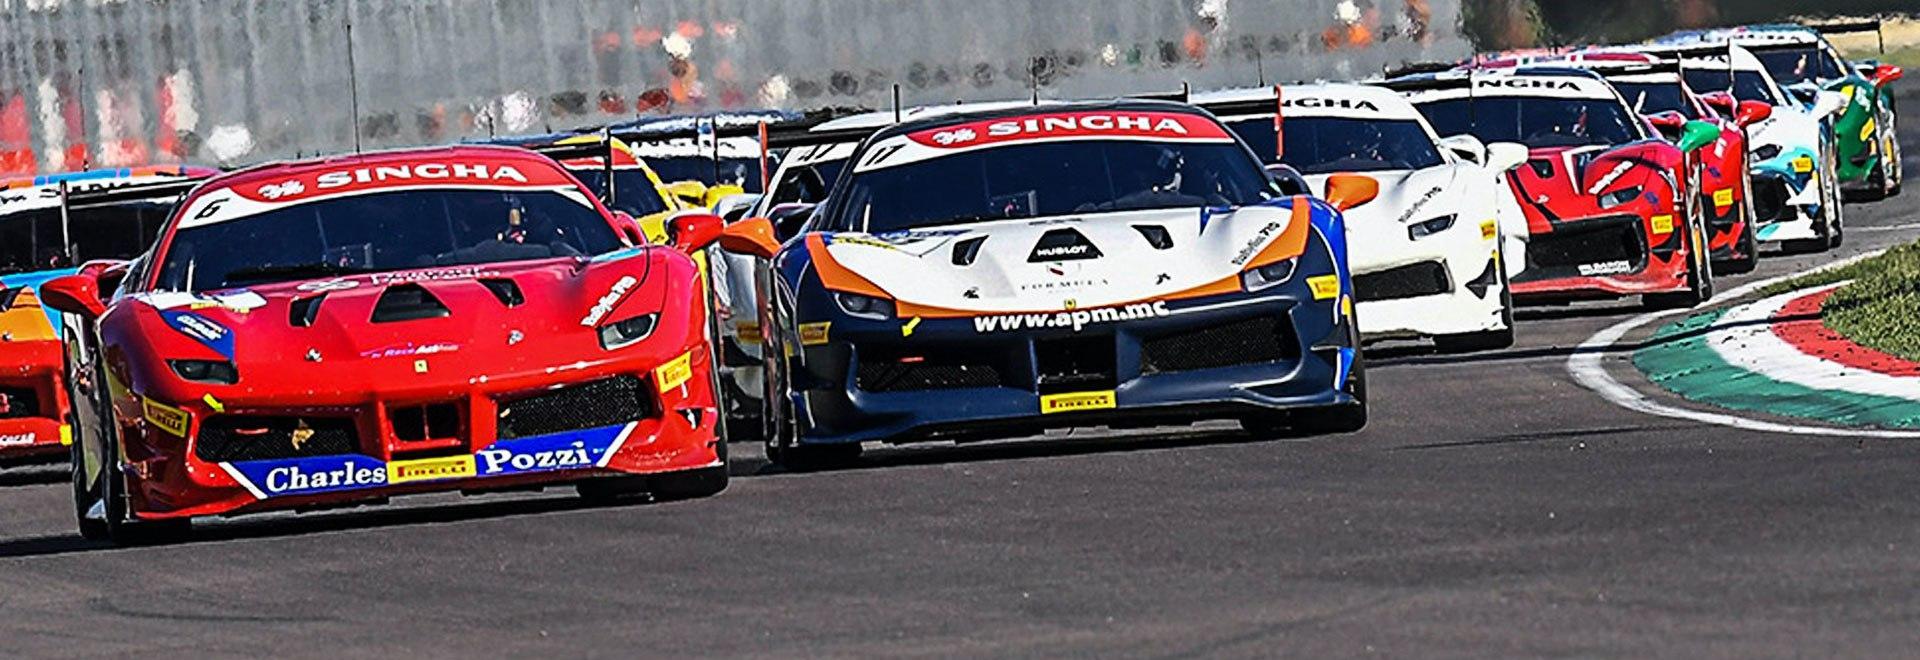 Coppa Shell Imola. Gara 1